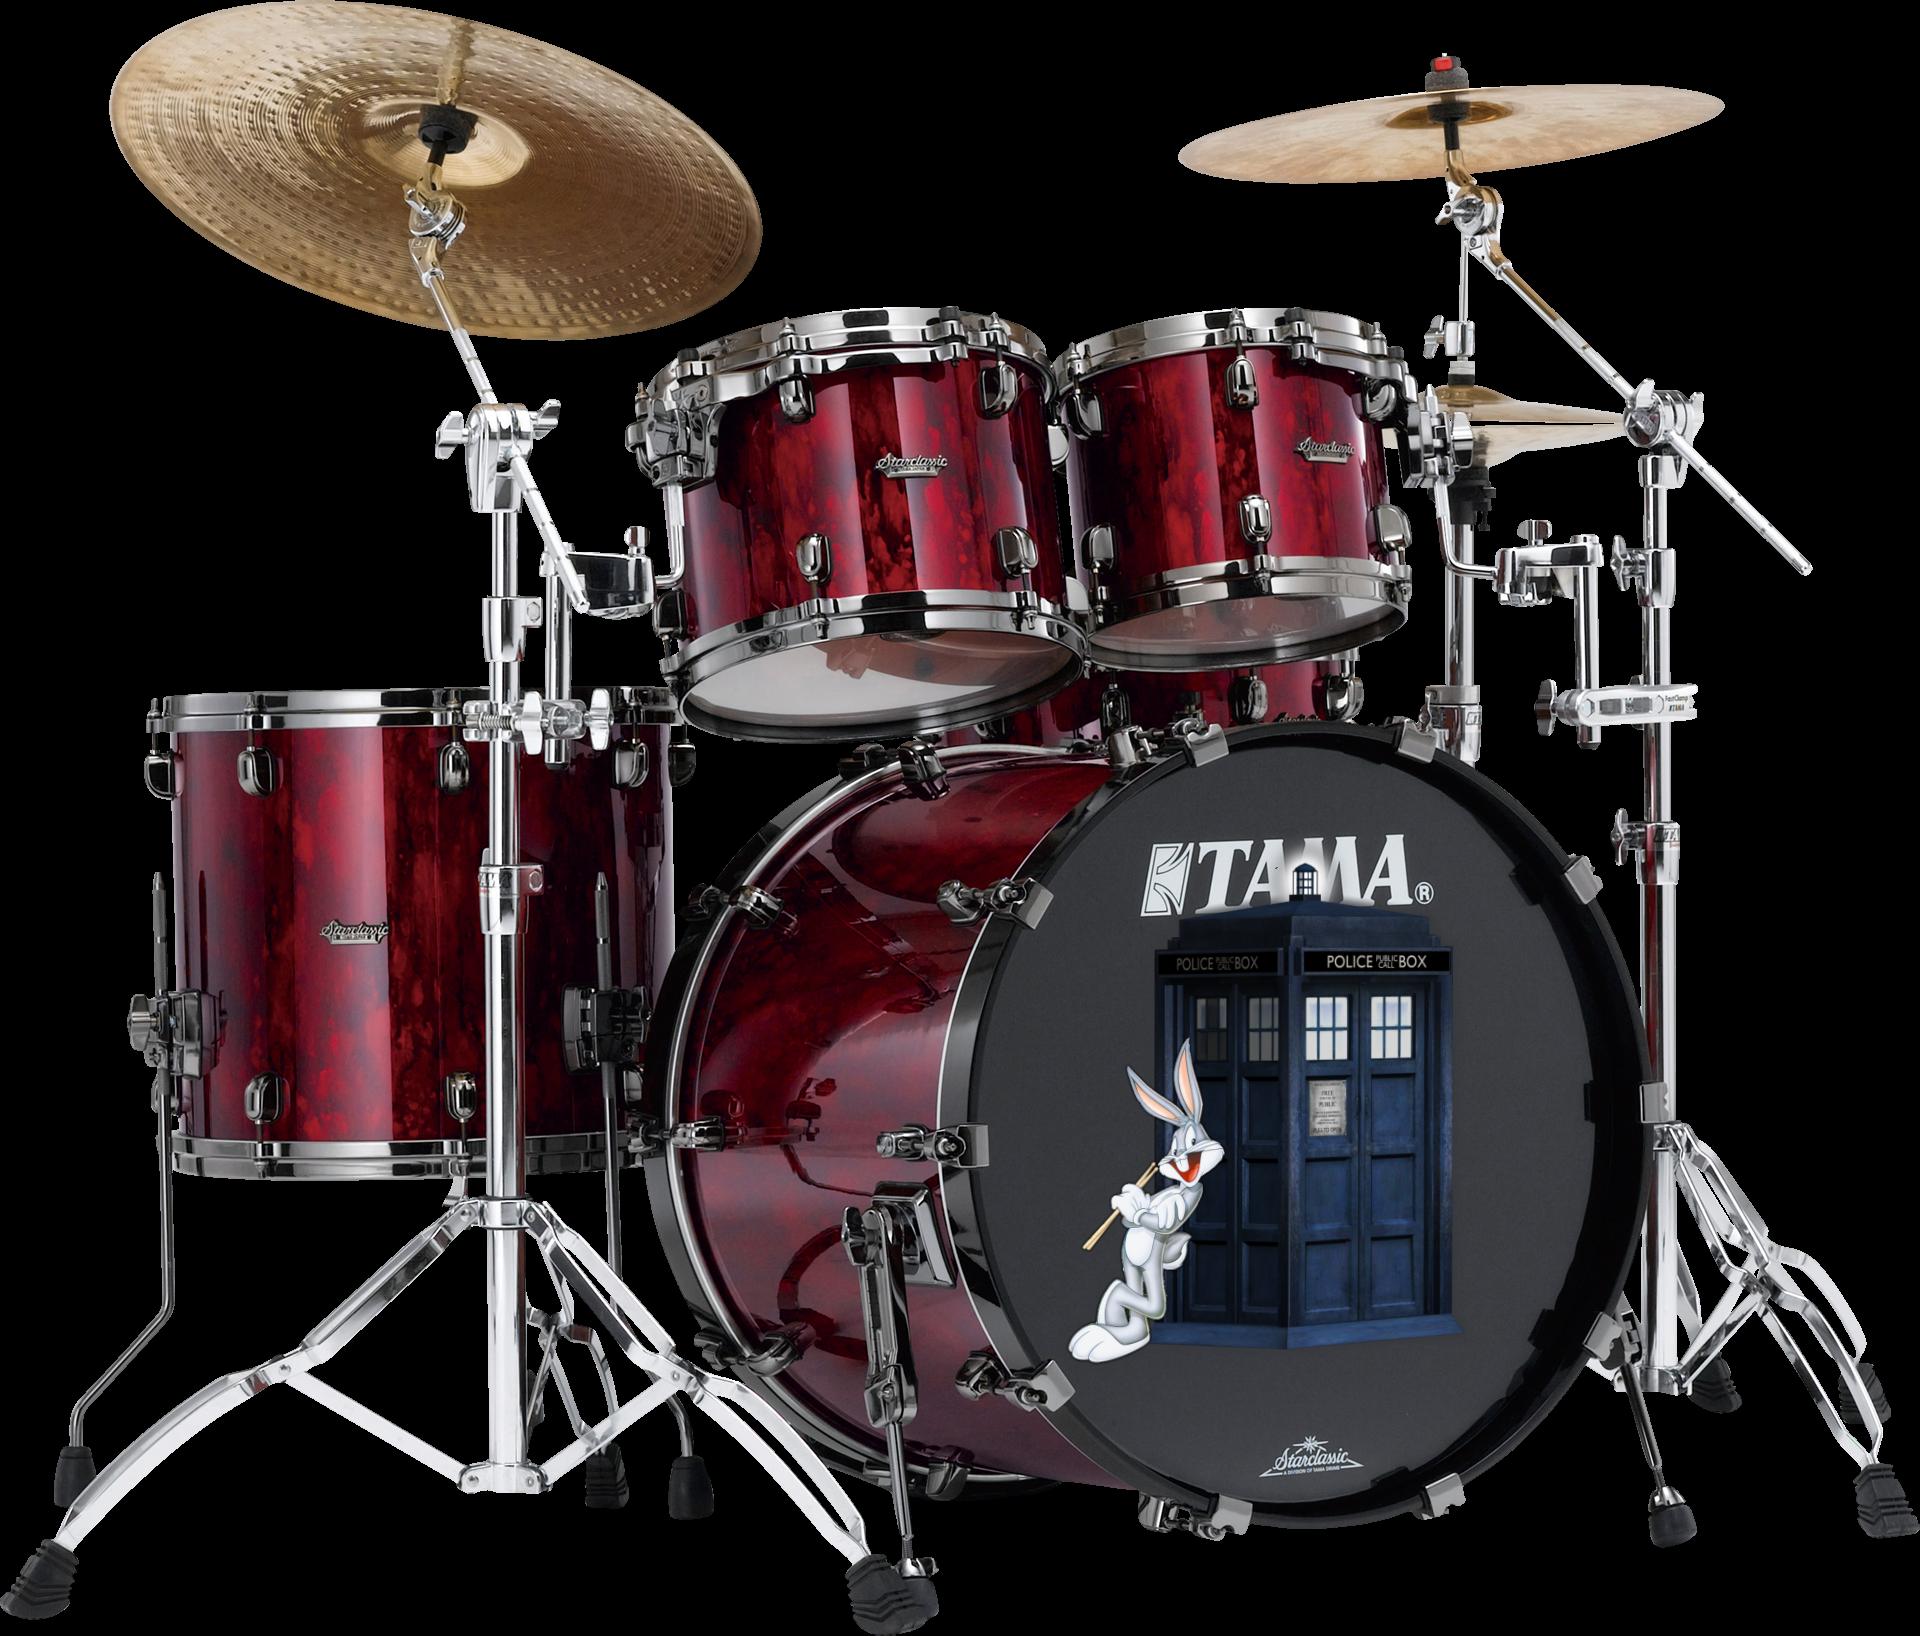 Drums Kit Png Image Drums Drum Kits Png